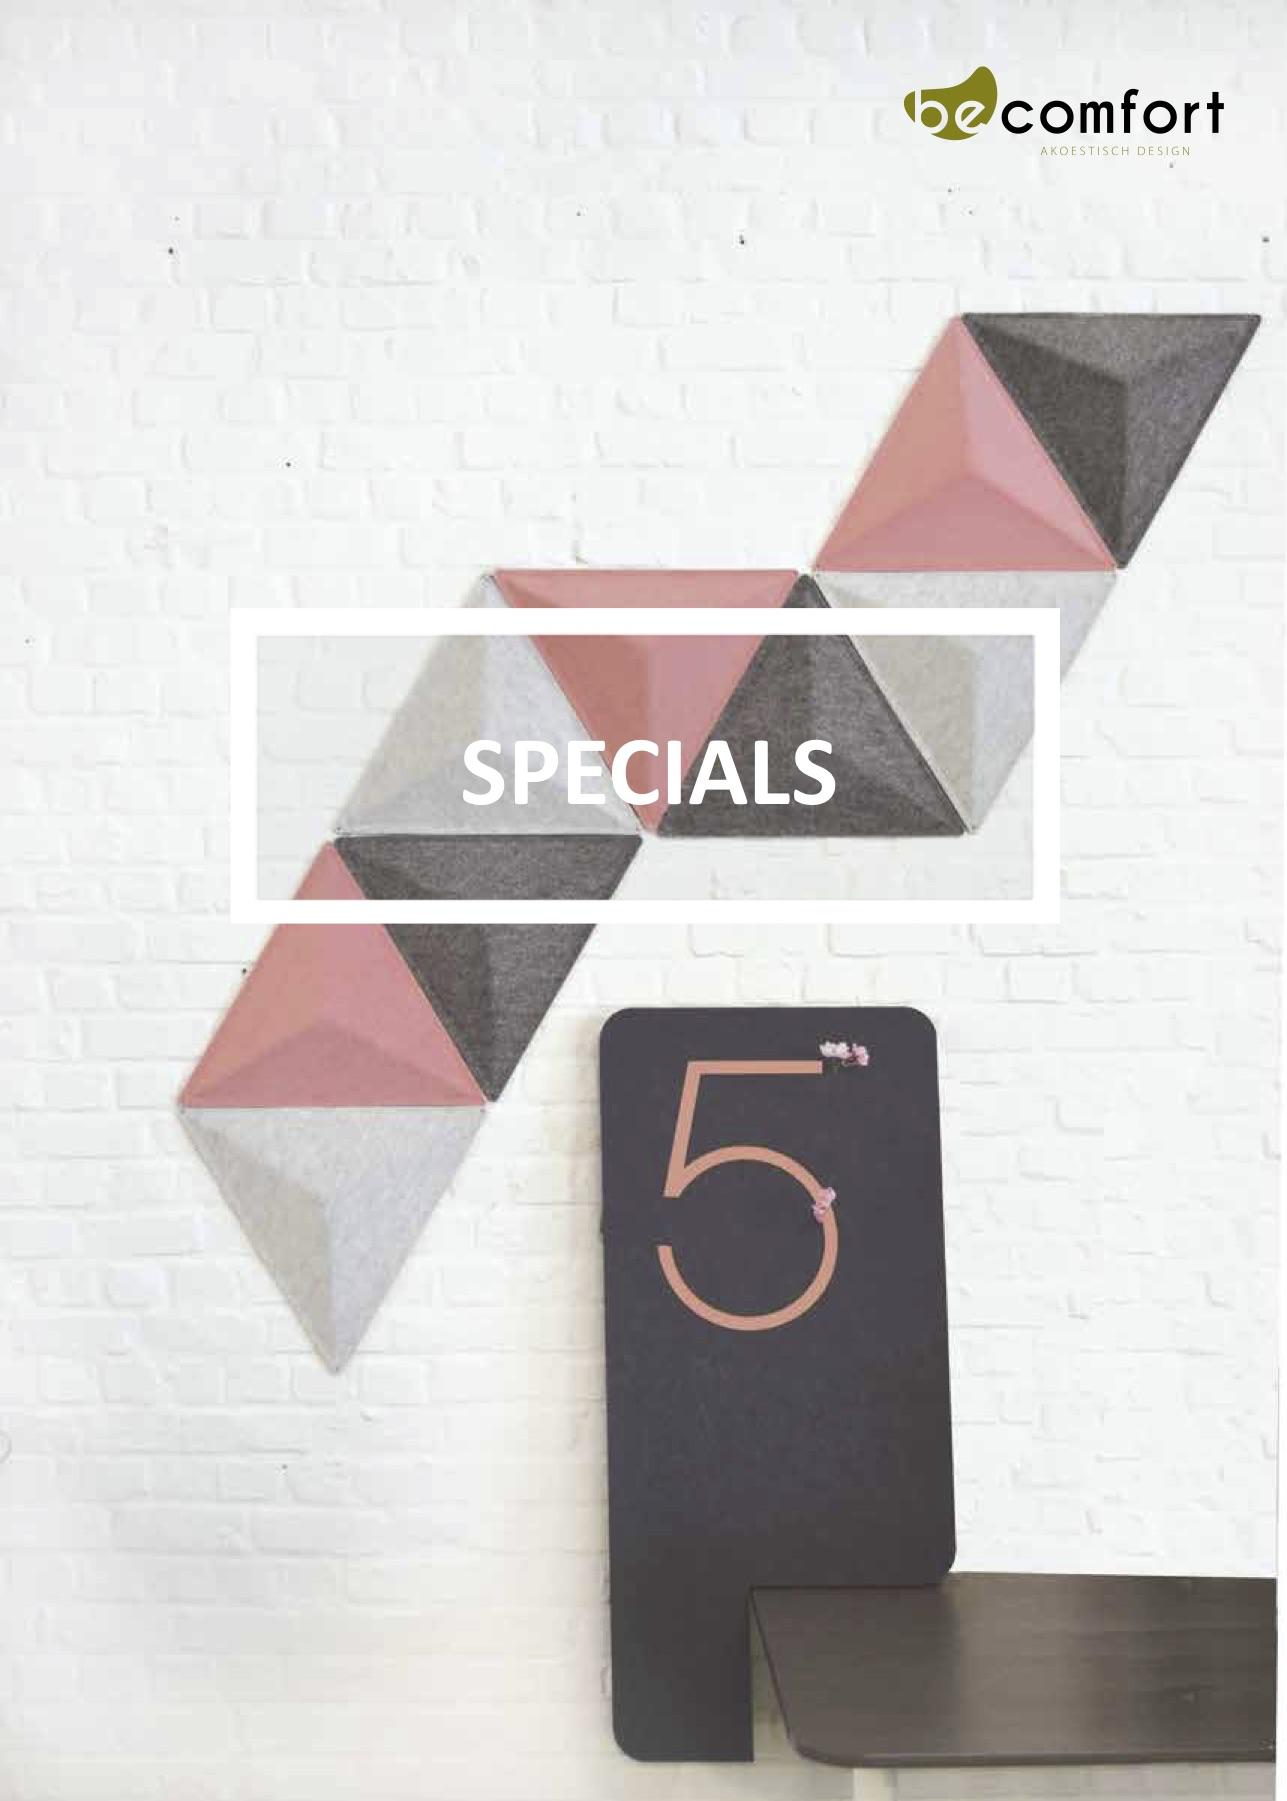 BeComfort Specials sm.jpg